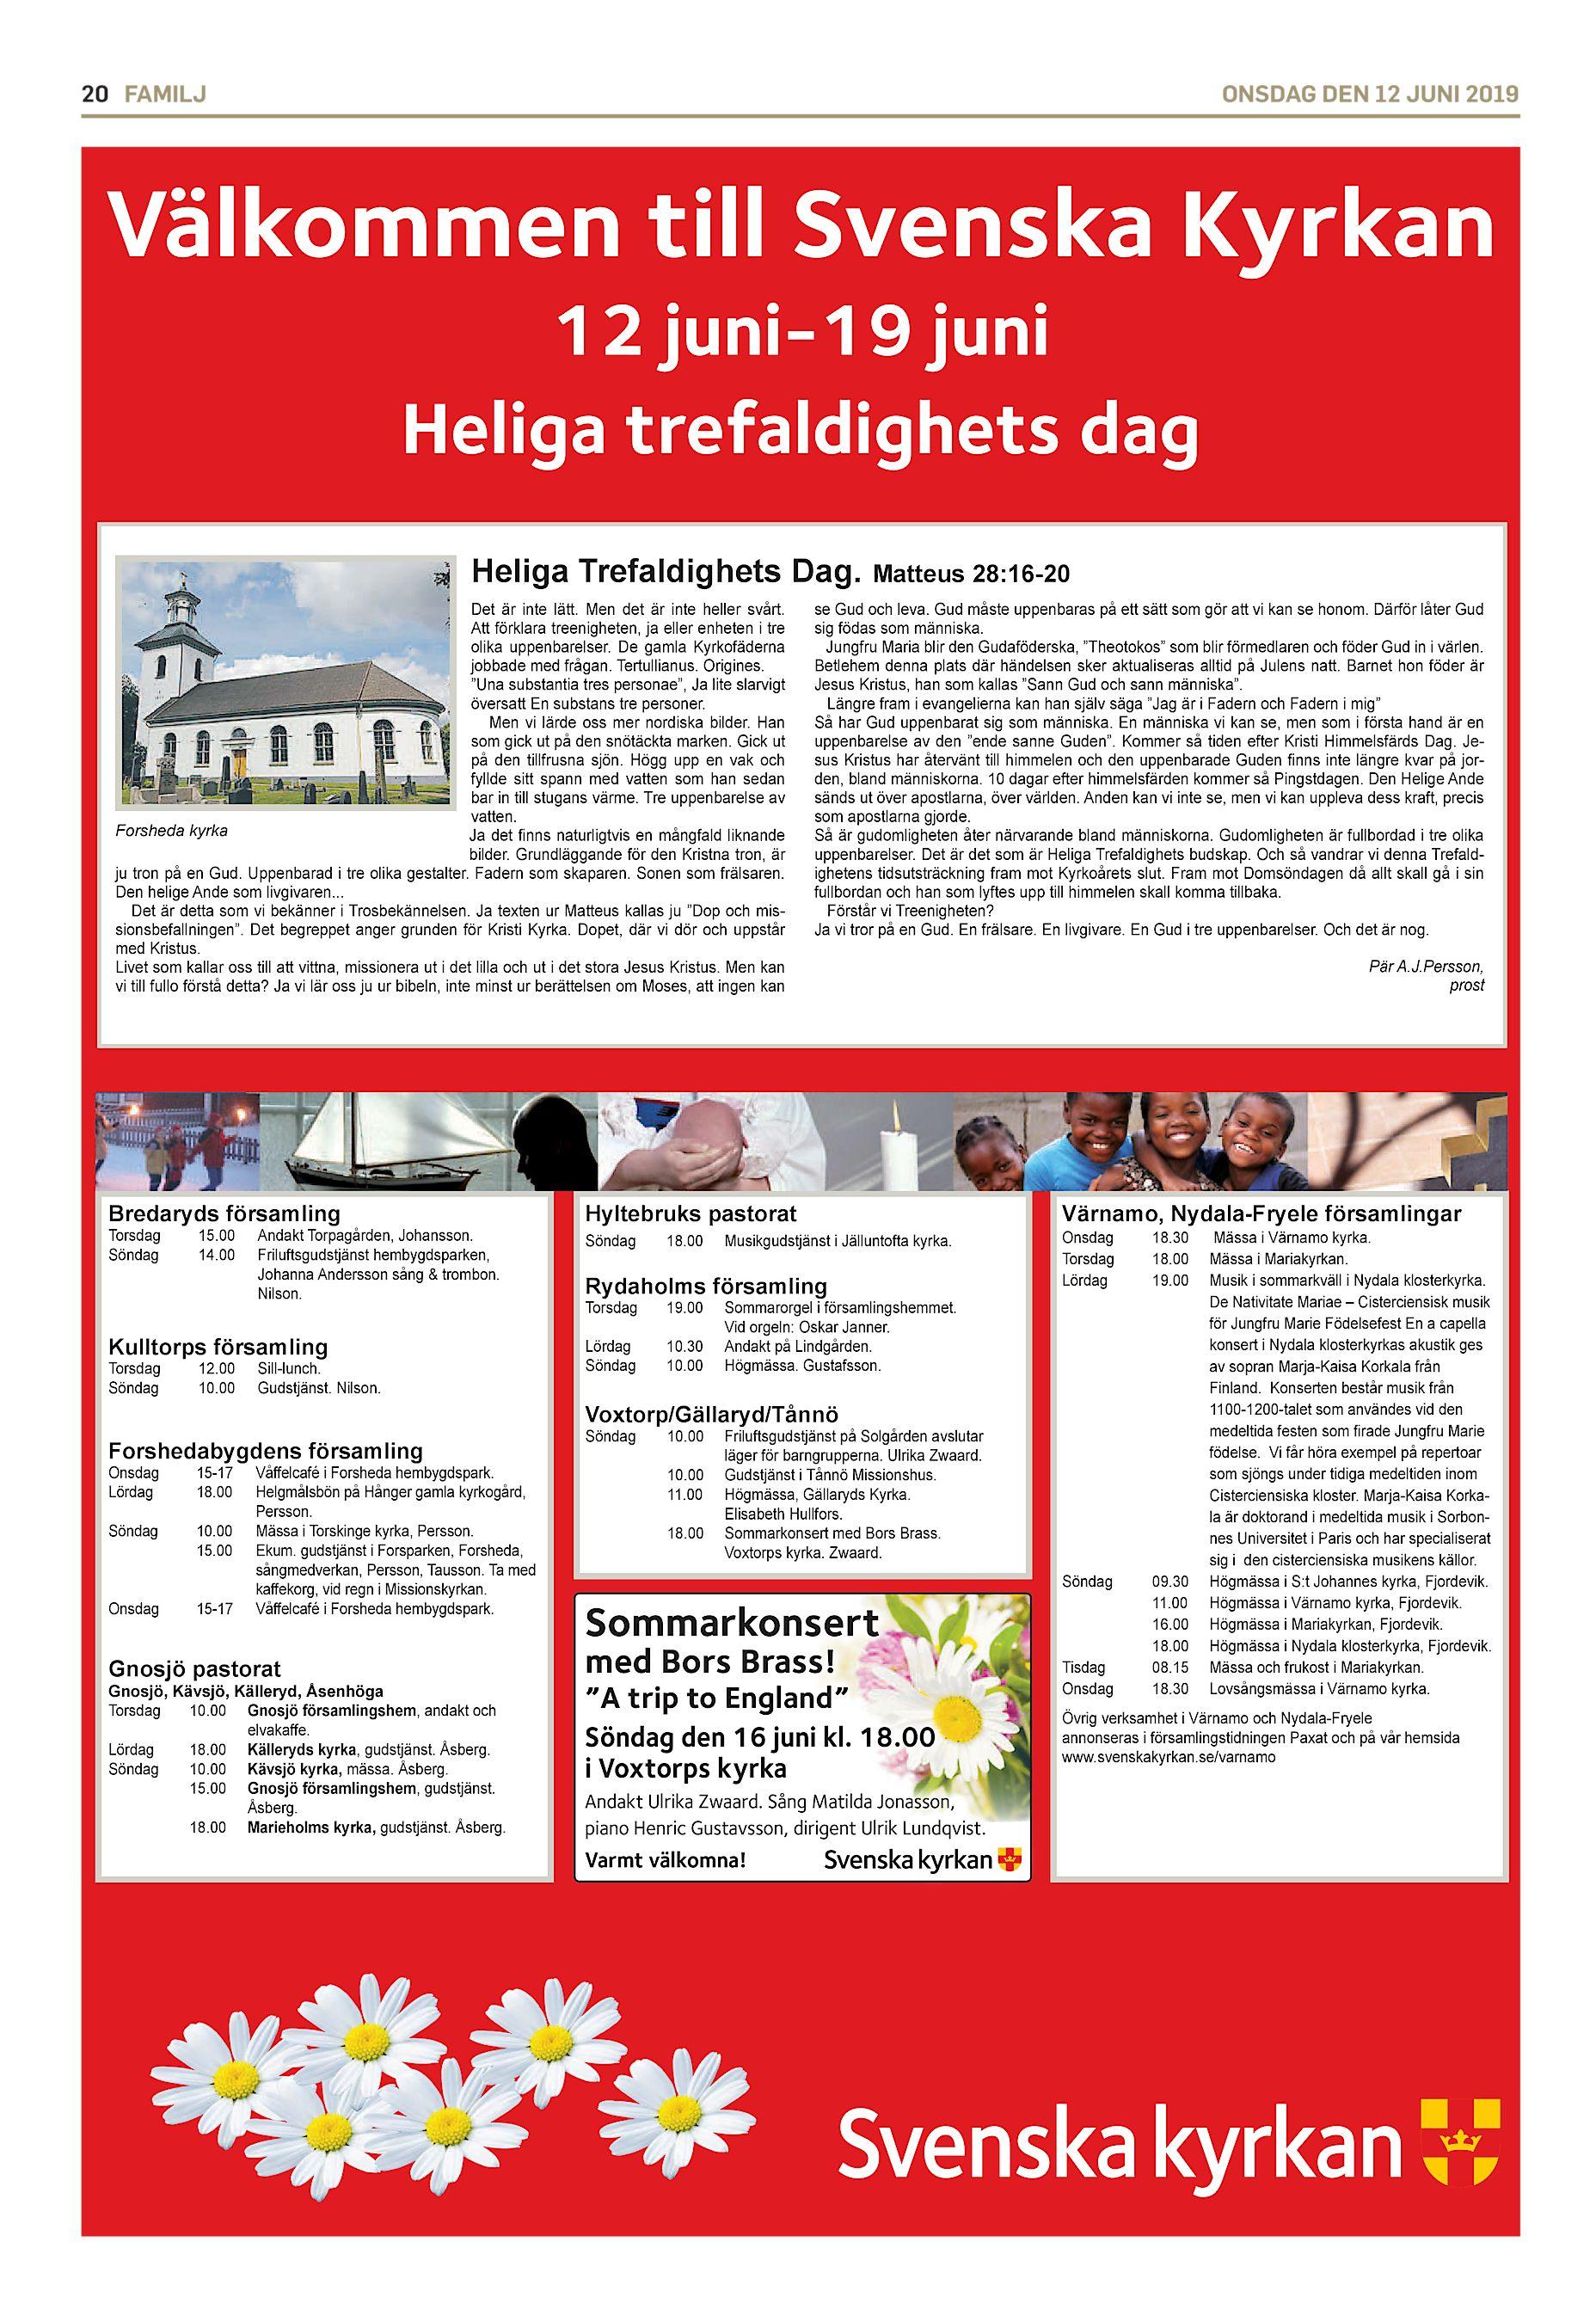 Malin Sten Eng, 46 r i Hillerstorp p Industrigatan 6 - telefon